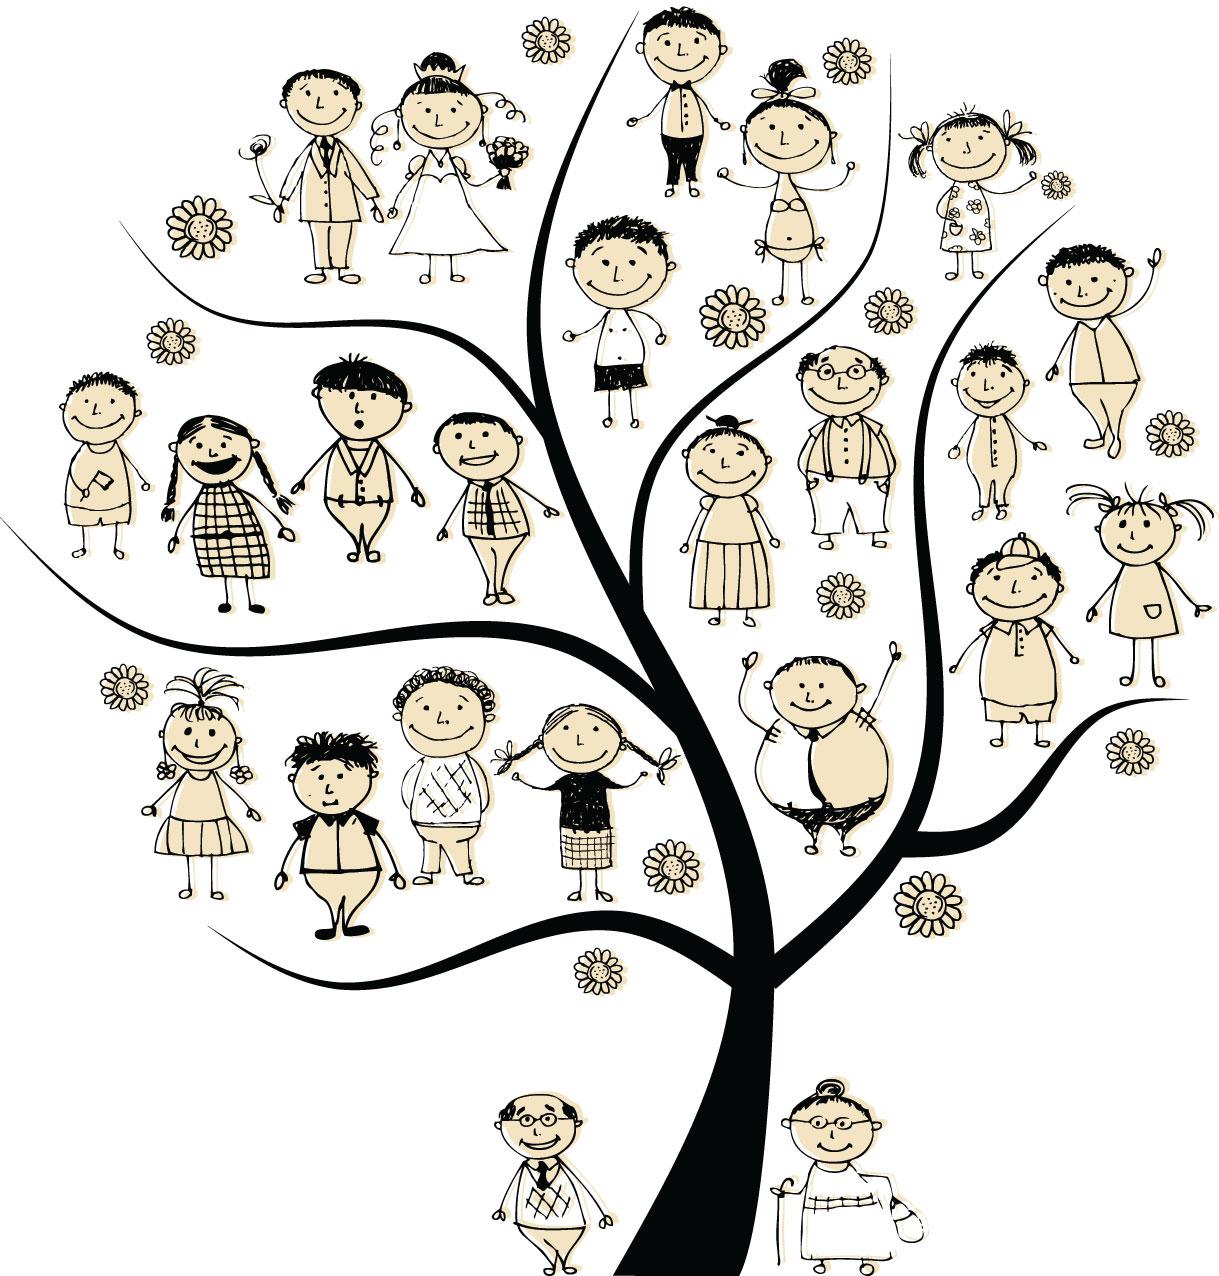 family-tree-cartoon